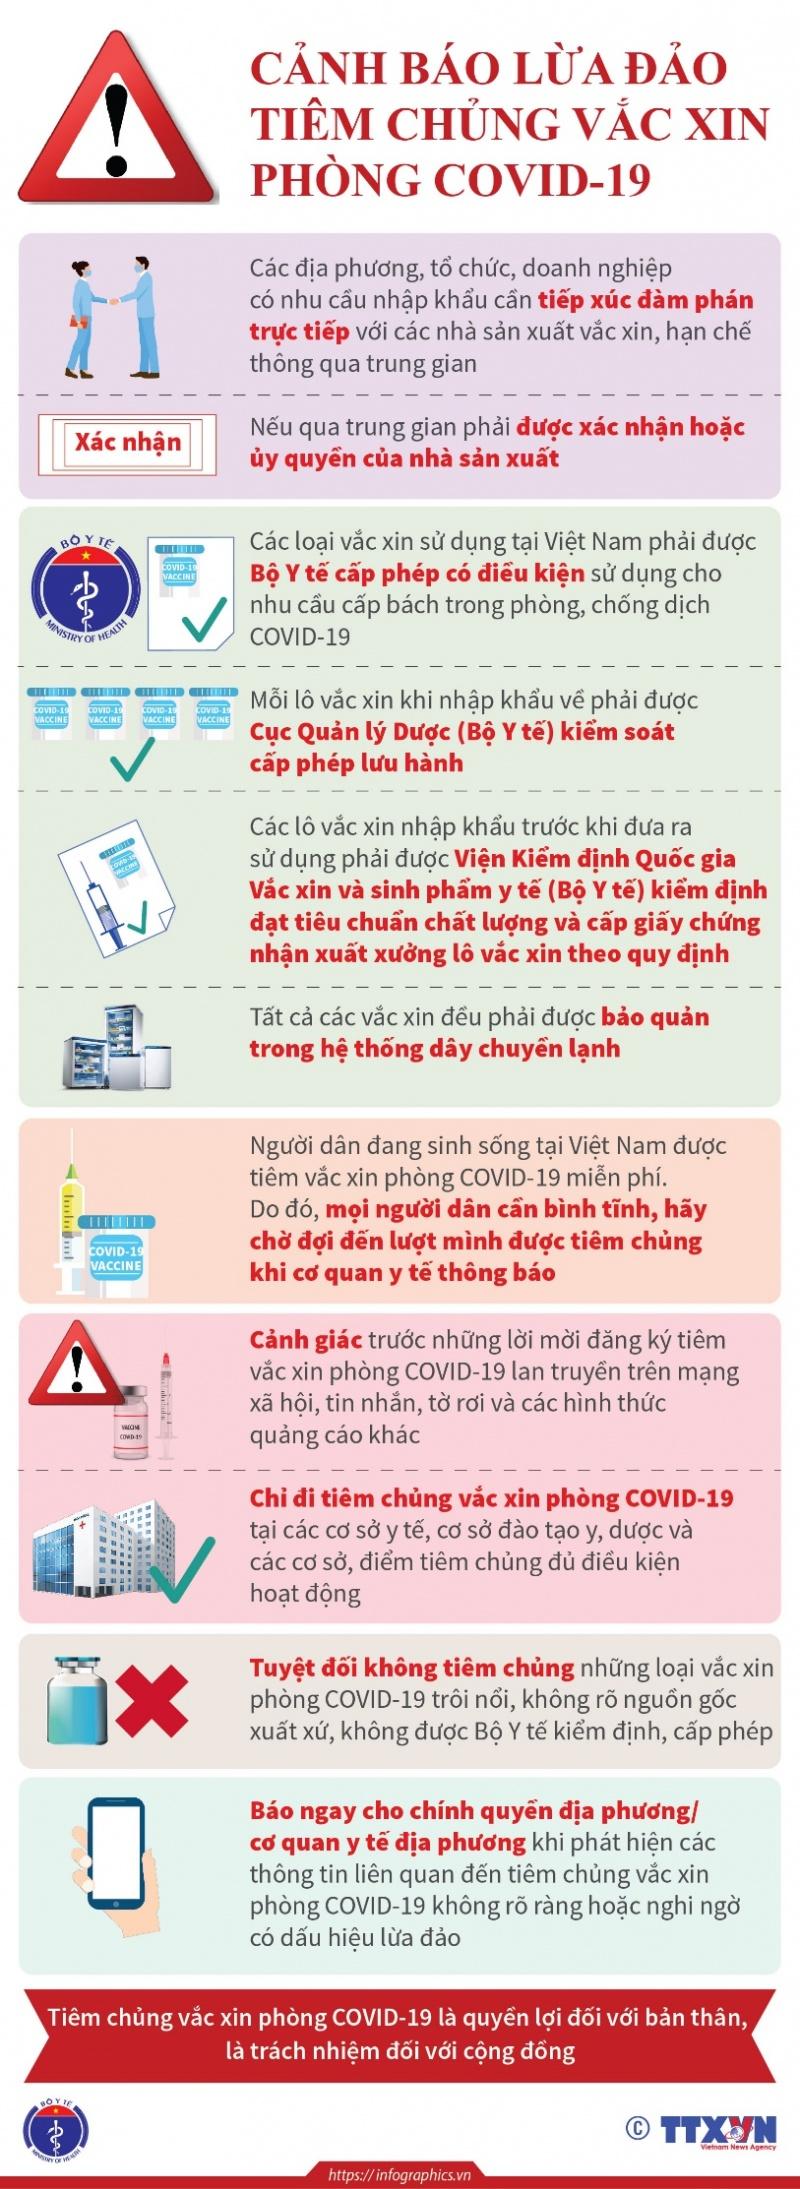 Cảnh báo lừa đảo tiêm chủng vắc-xin phòng COVID-19